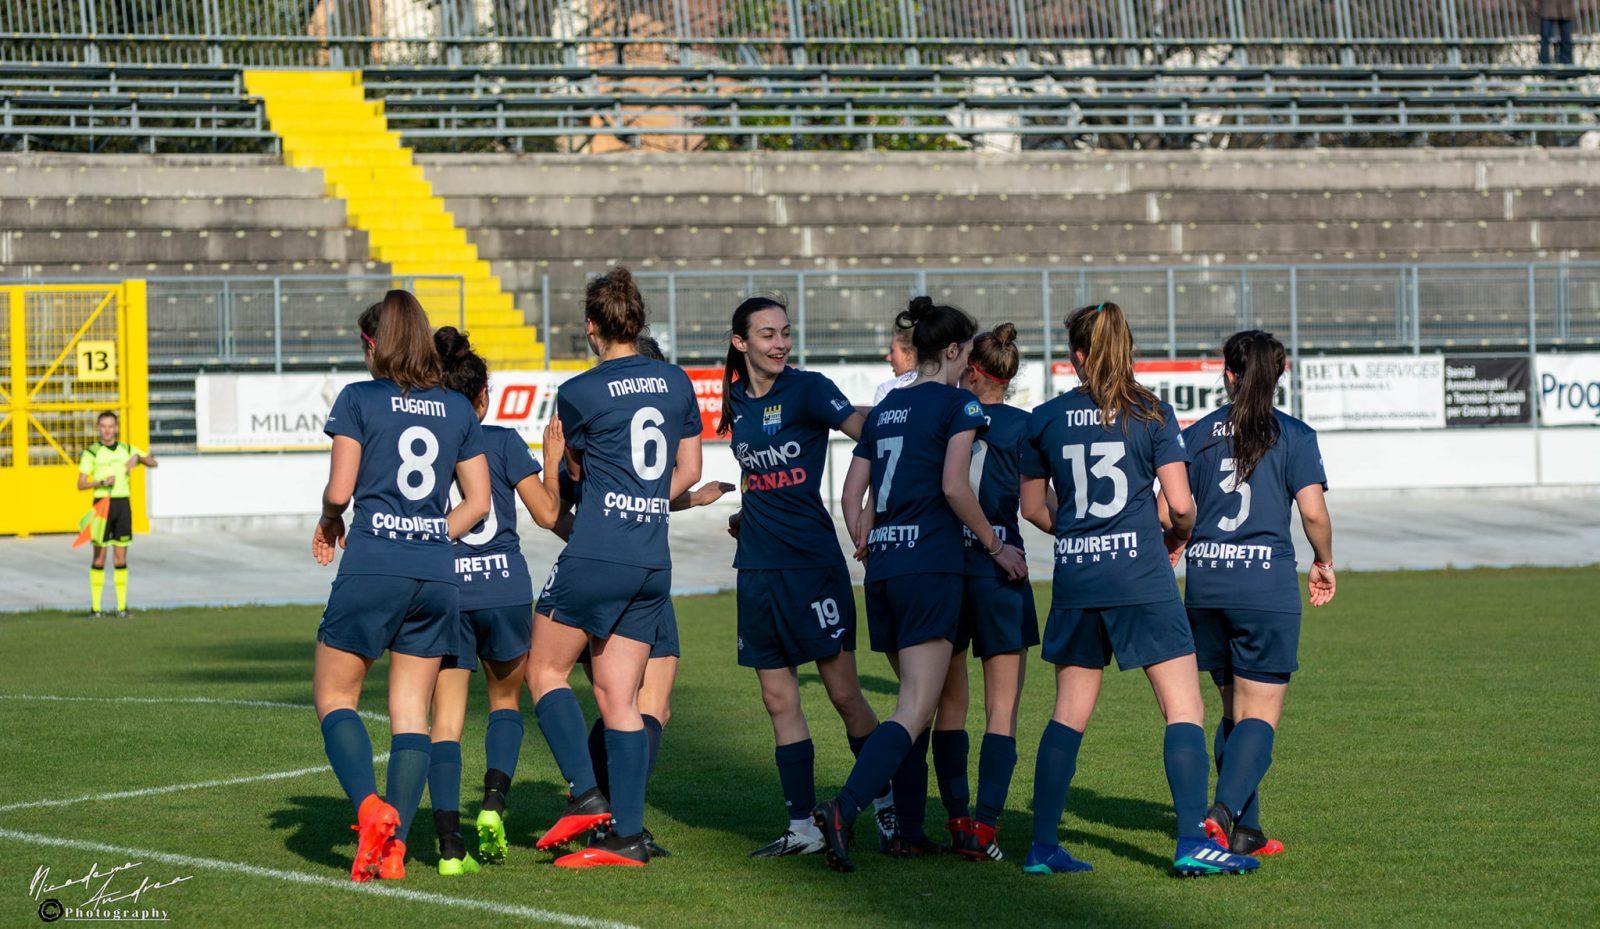 Esultanza di squadra dopo il gol del Trento Calcio Femminile nella partita contro il Portogruaro (Serie C - Girone B)